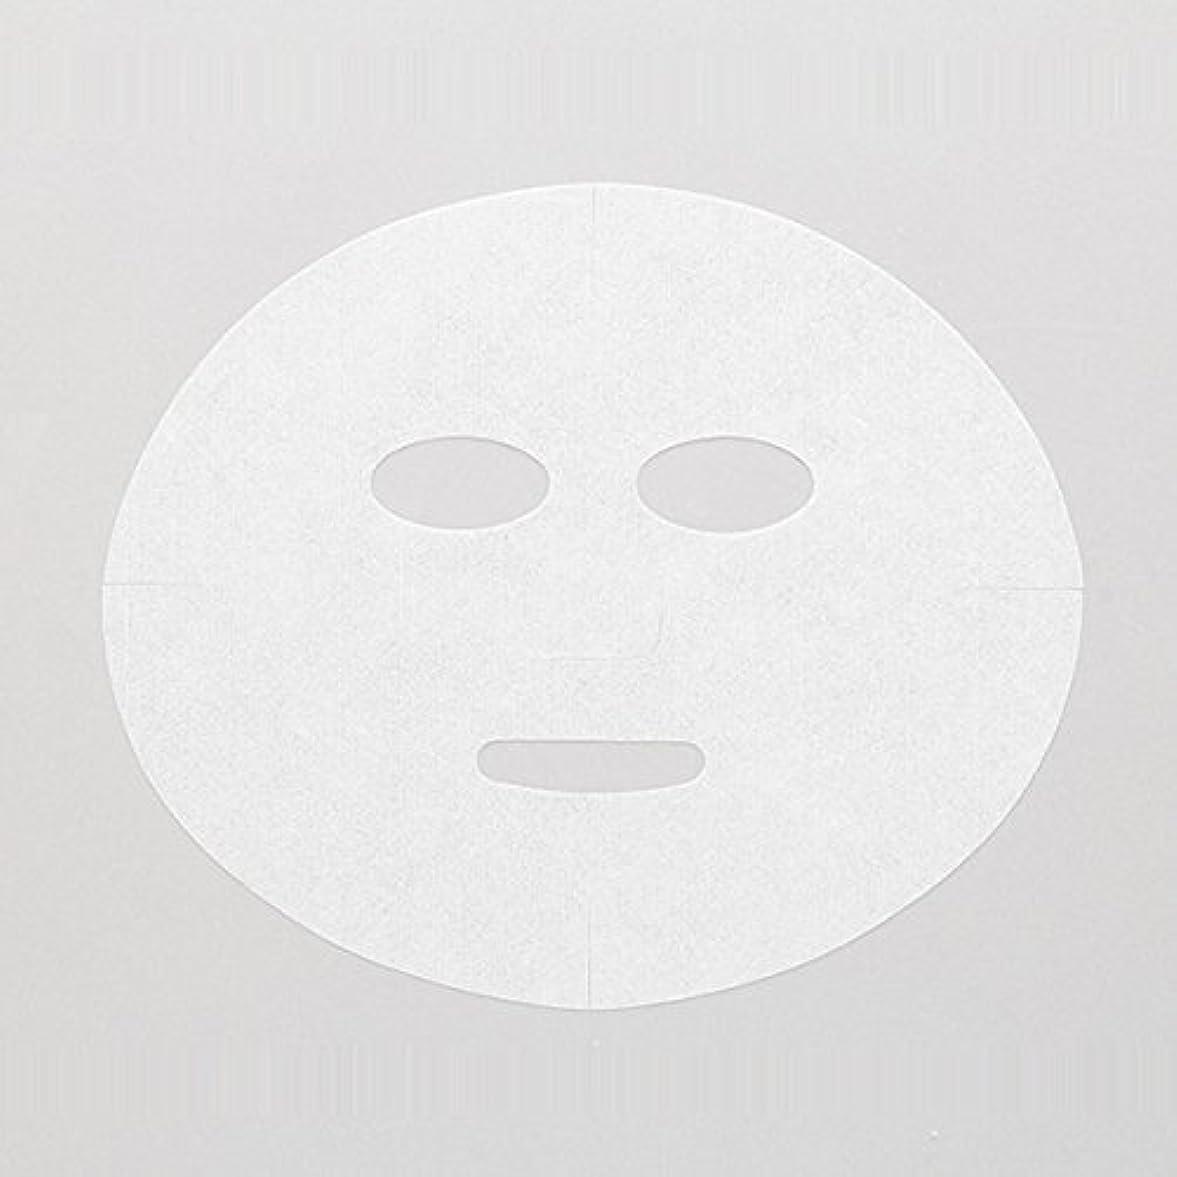 温度面白いコード高保水 フェイシャルシート (マスクタイプ 化粧水無) 80枚 24×20cm [ フェイスマスク フェイスシート フェイスパック フェイシャルマスク シートマスク フェイシャルシート フェイシャルパック ローションマスク ローションパック ]